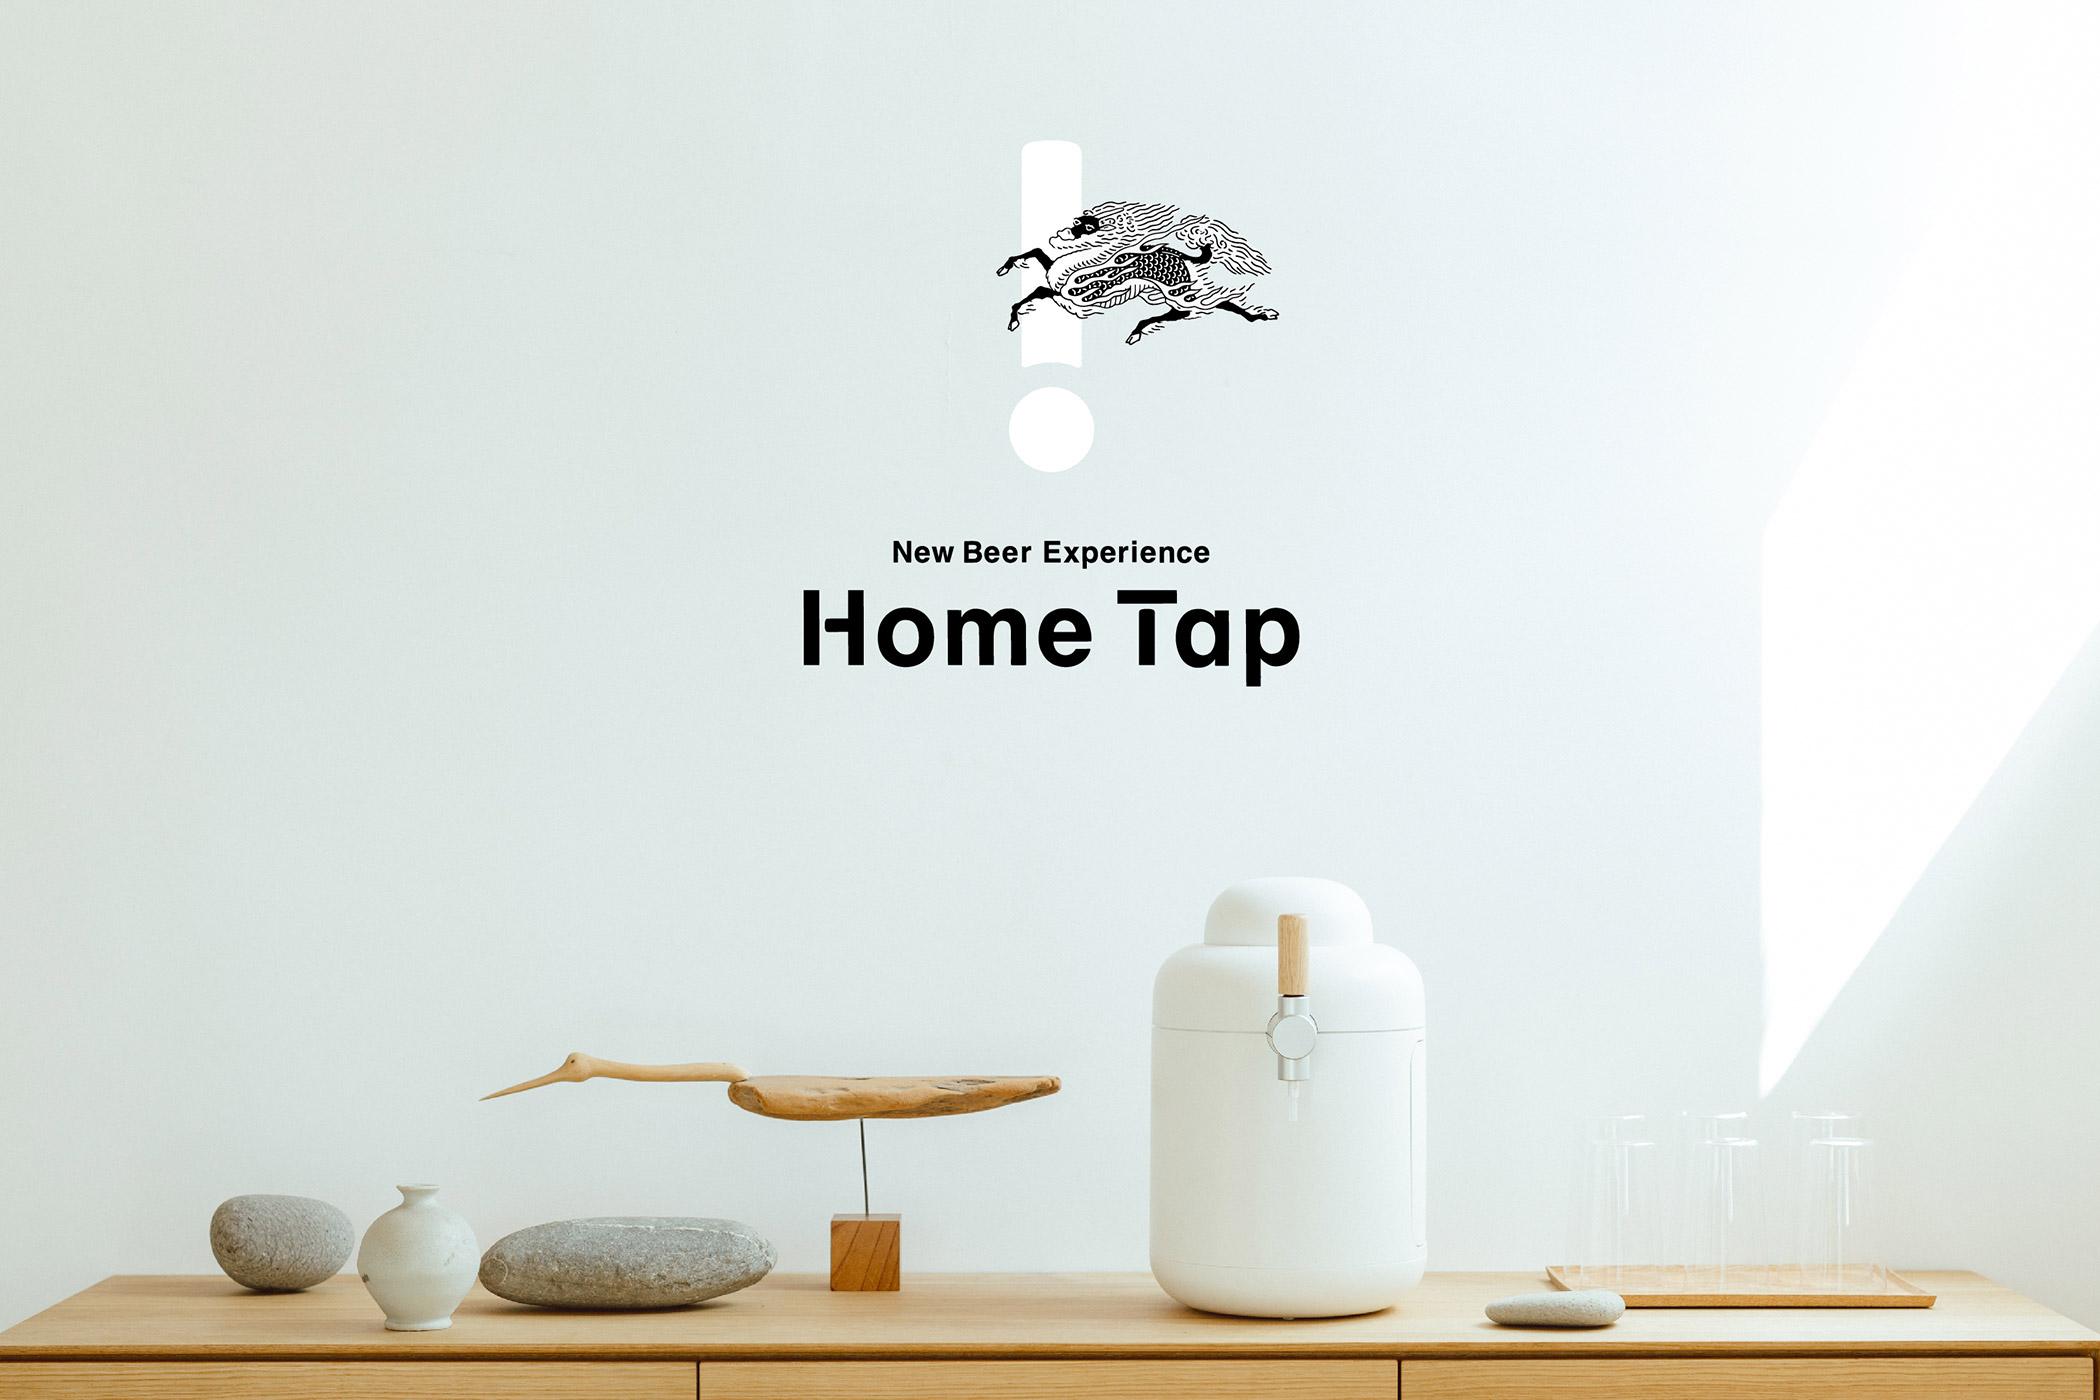 KIRIN Home Tap